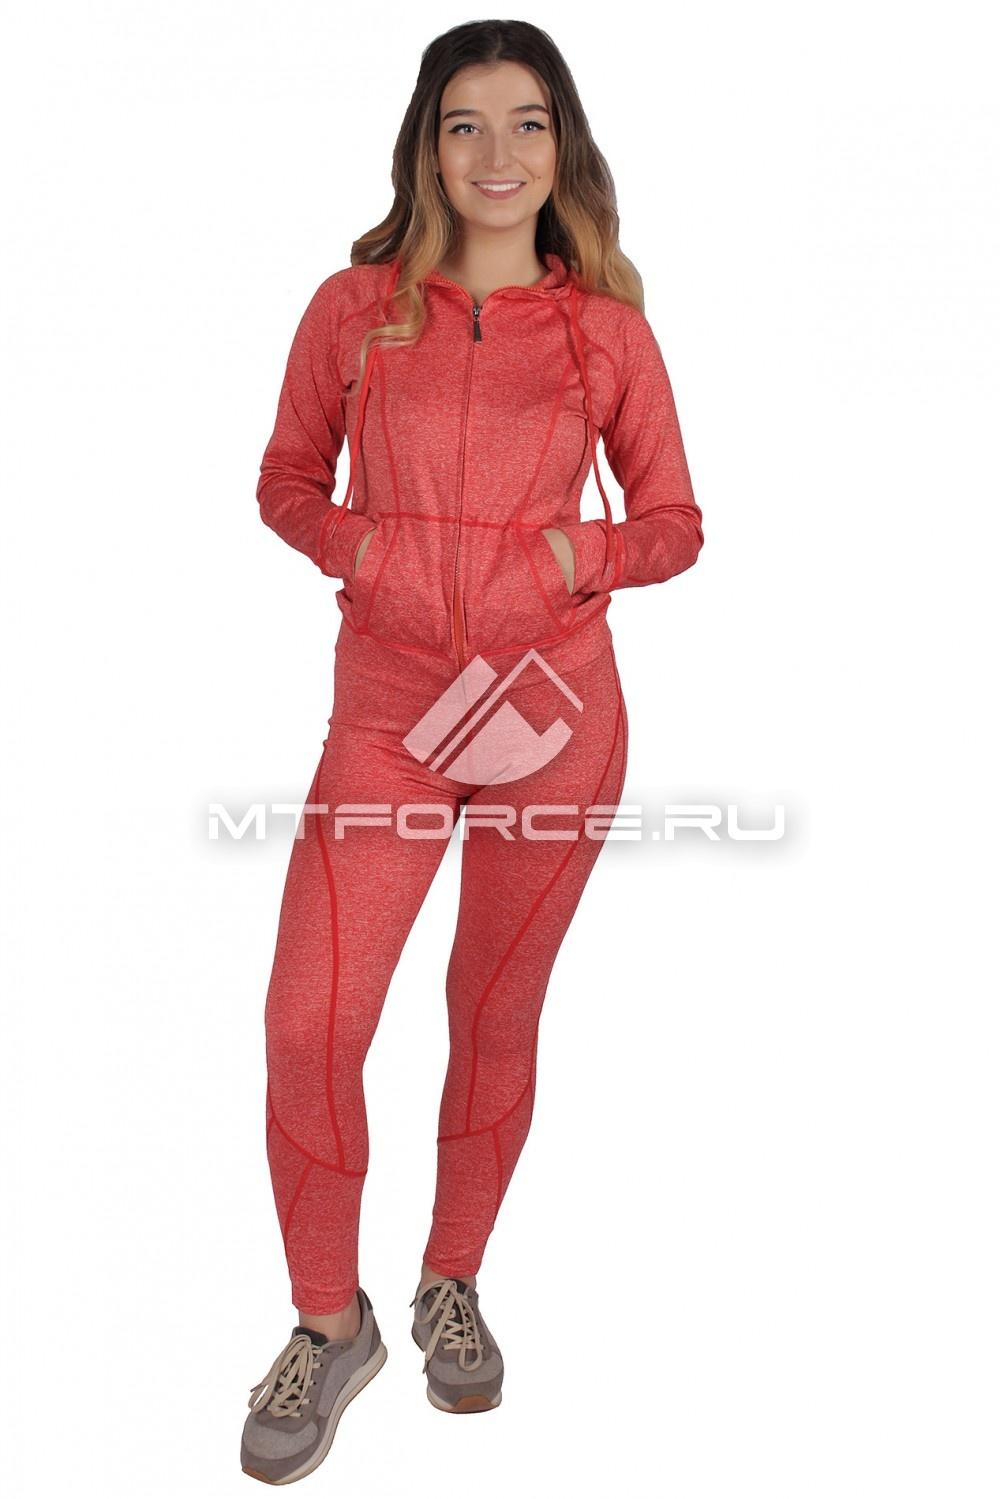 Купить                                  оптом Костюм спортивный женский персикового цвета 01020P в Новосибирске